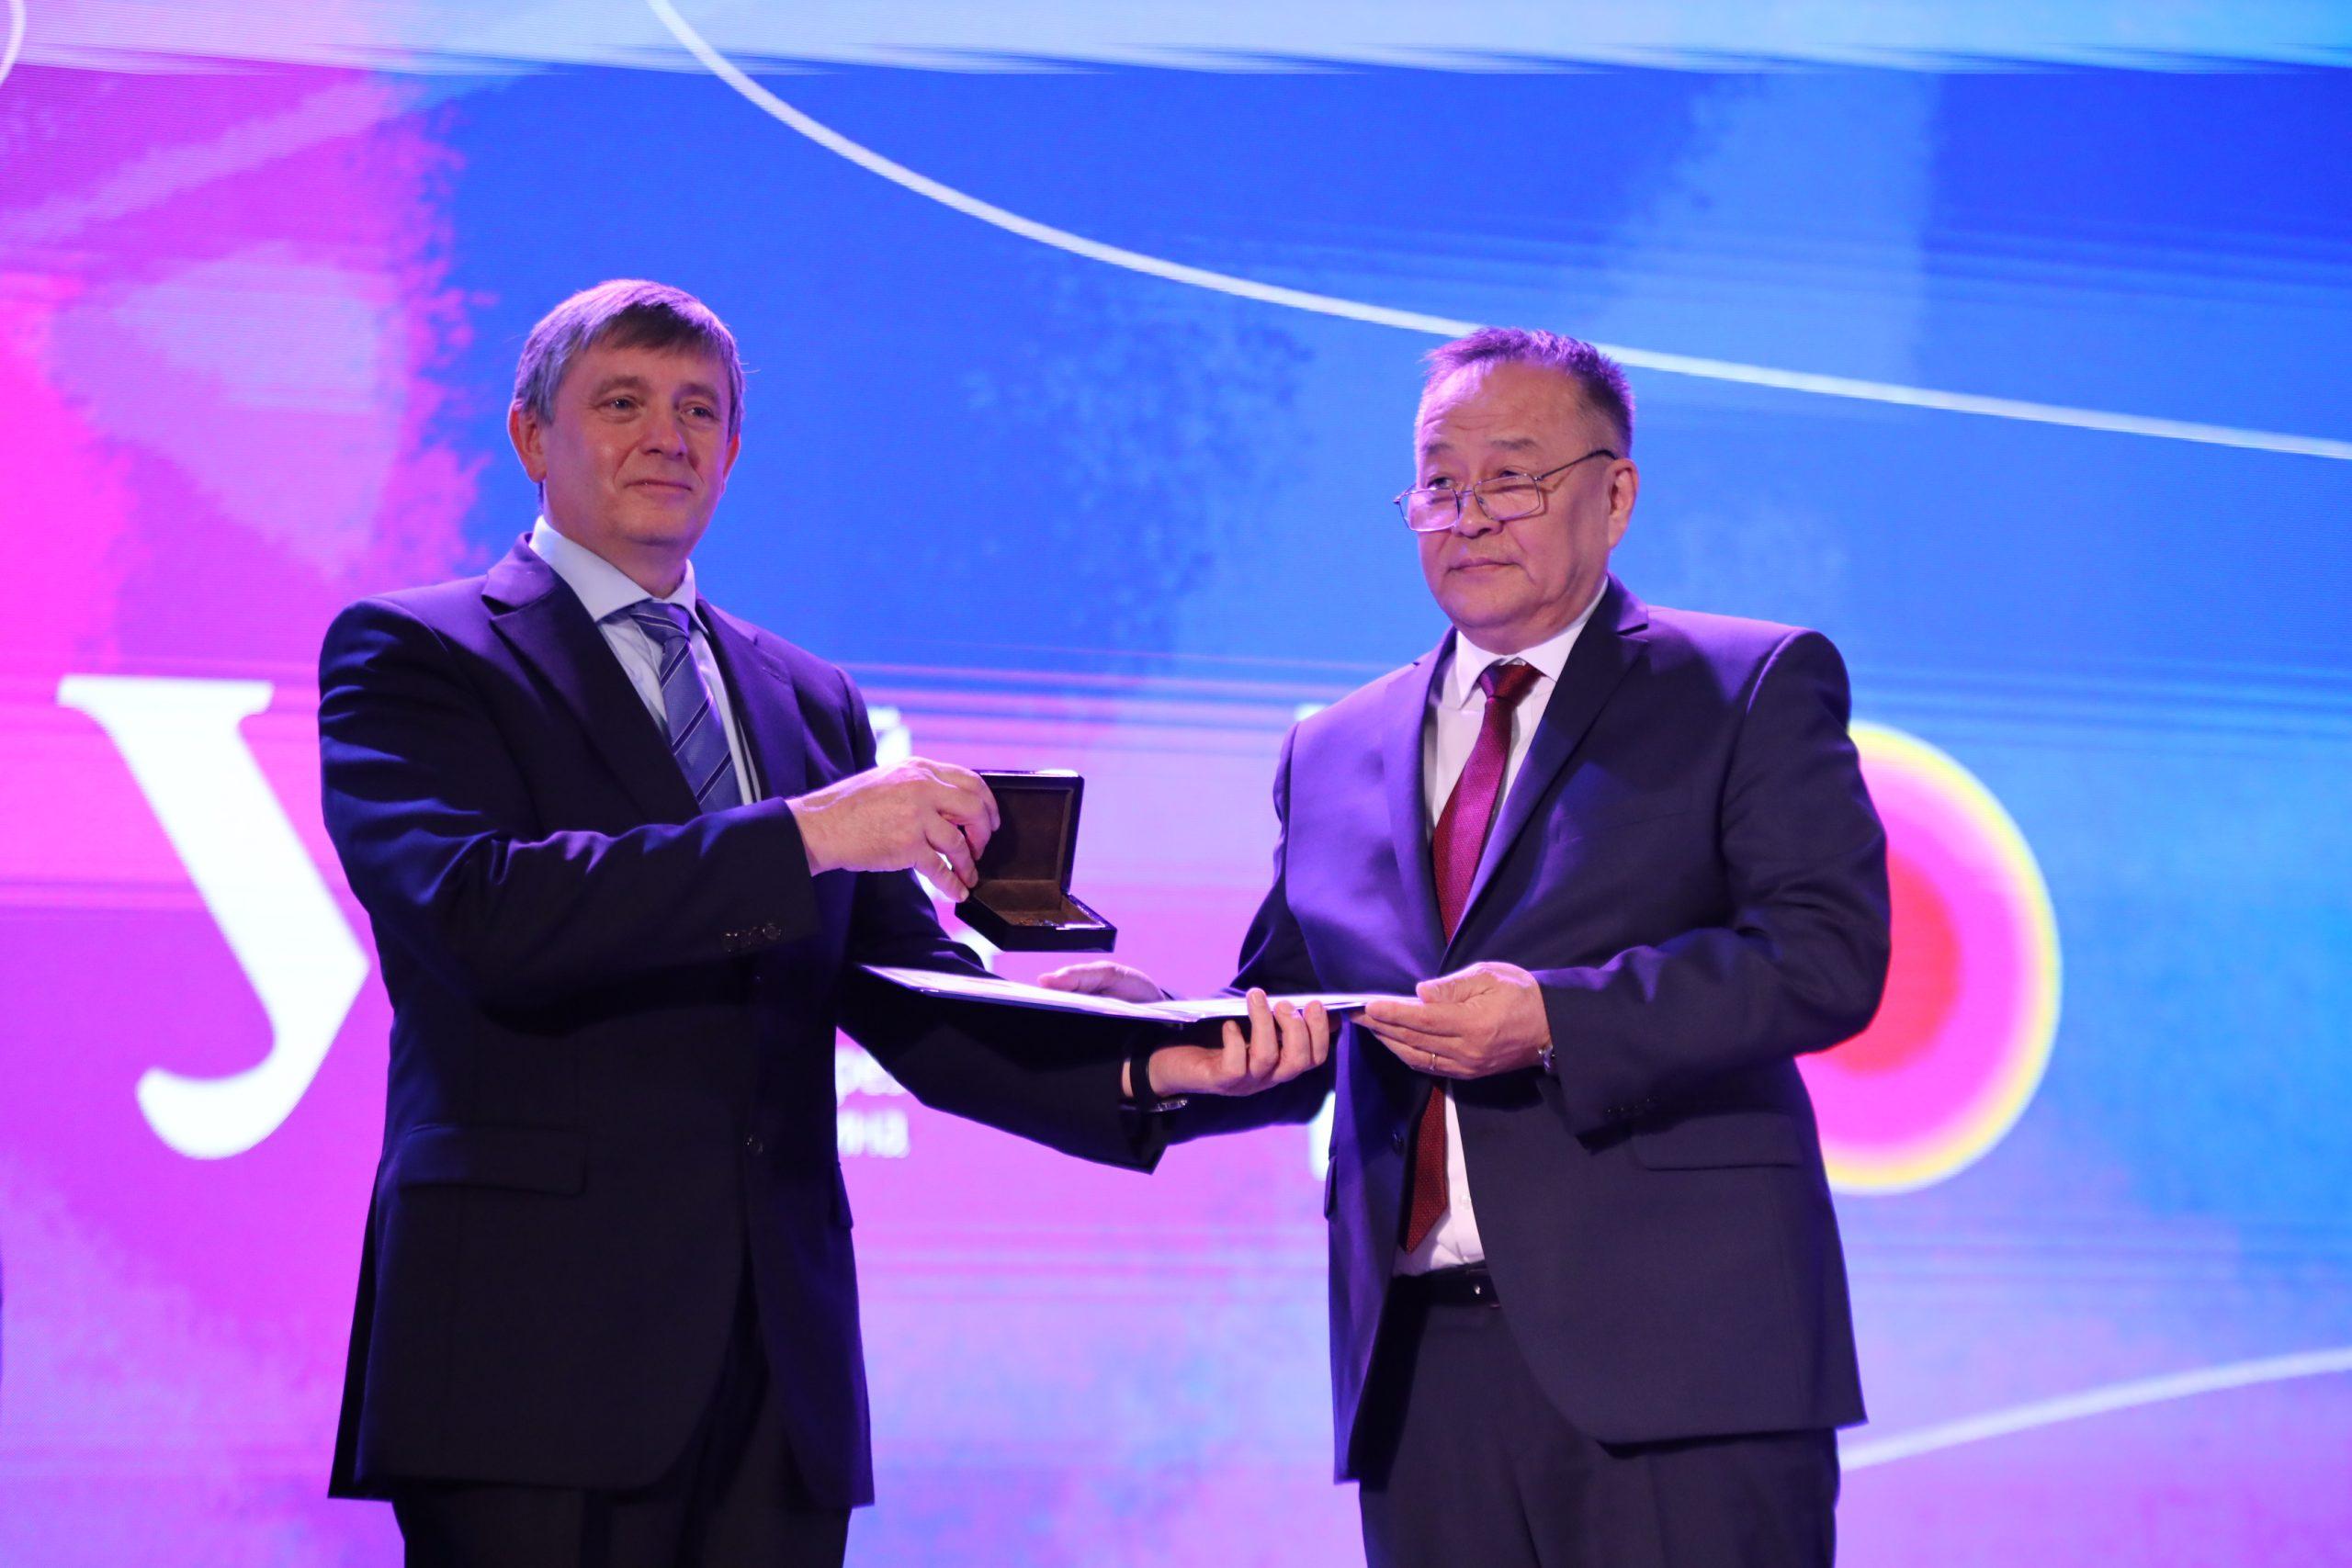 ОХУ-ын Ерөнхийлөгч асан Б.Н.Ельциний нэрэмжит Уралын Холбооны их сургуулийг Сүхбаатарын одонгоор шагналаа